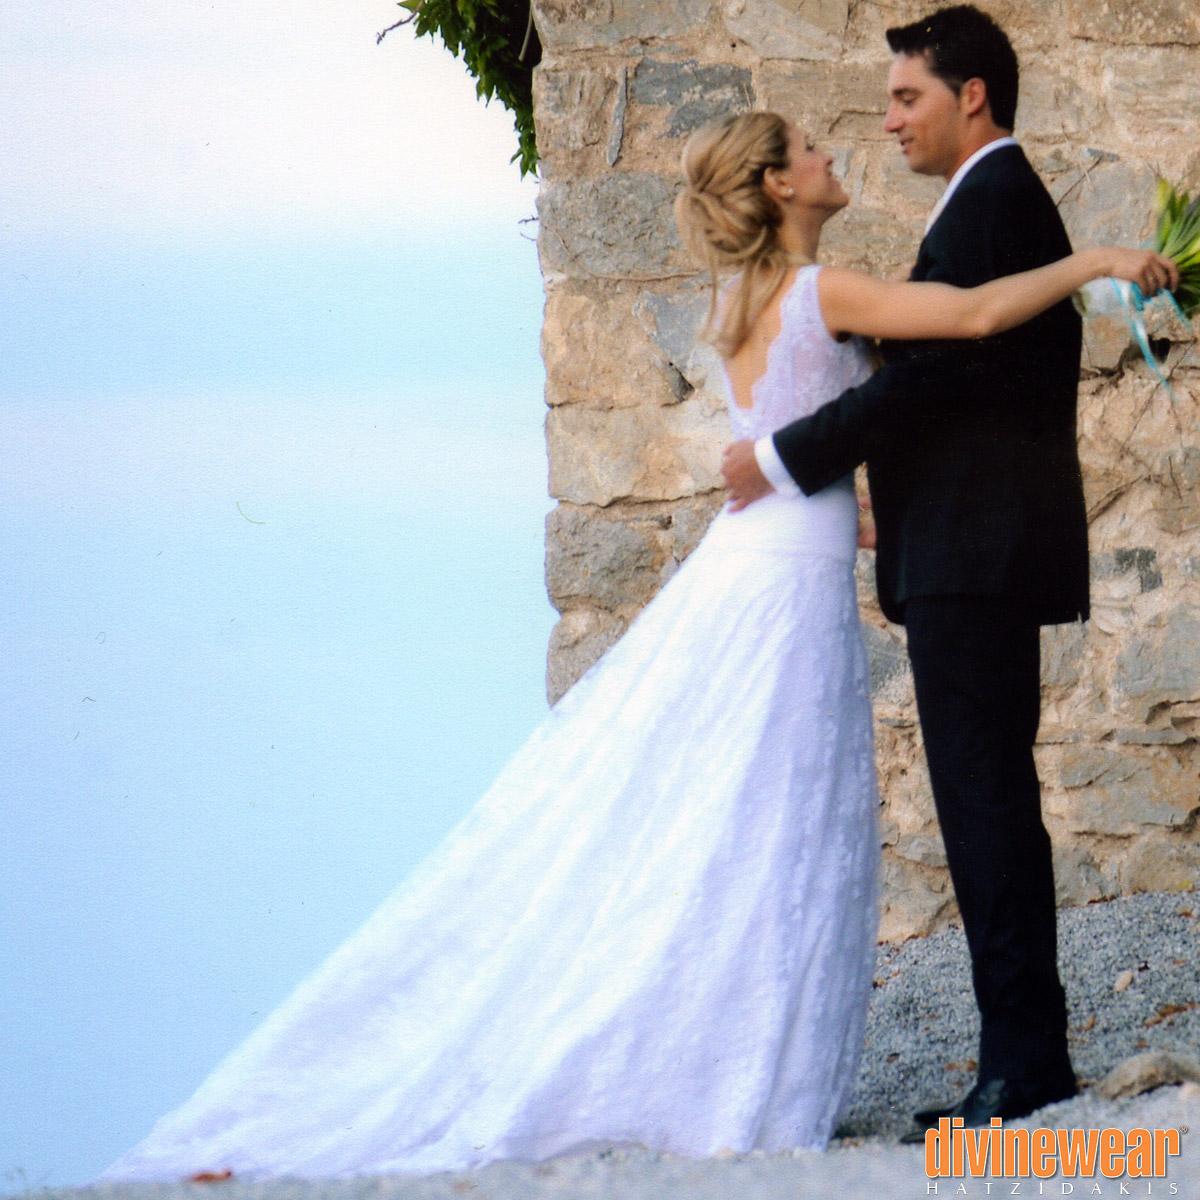 bb70001f6da1 divinewear hatzidakis - υψηλη ραπτικη